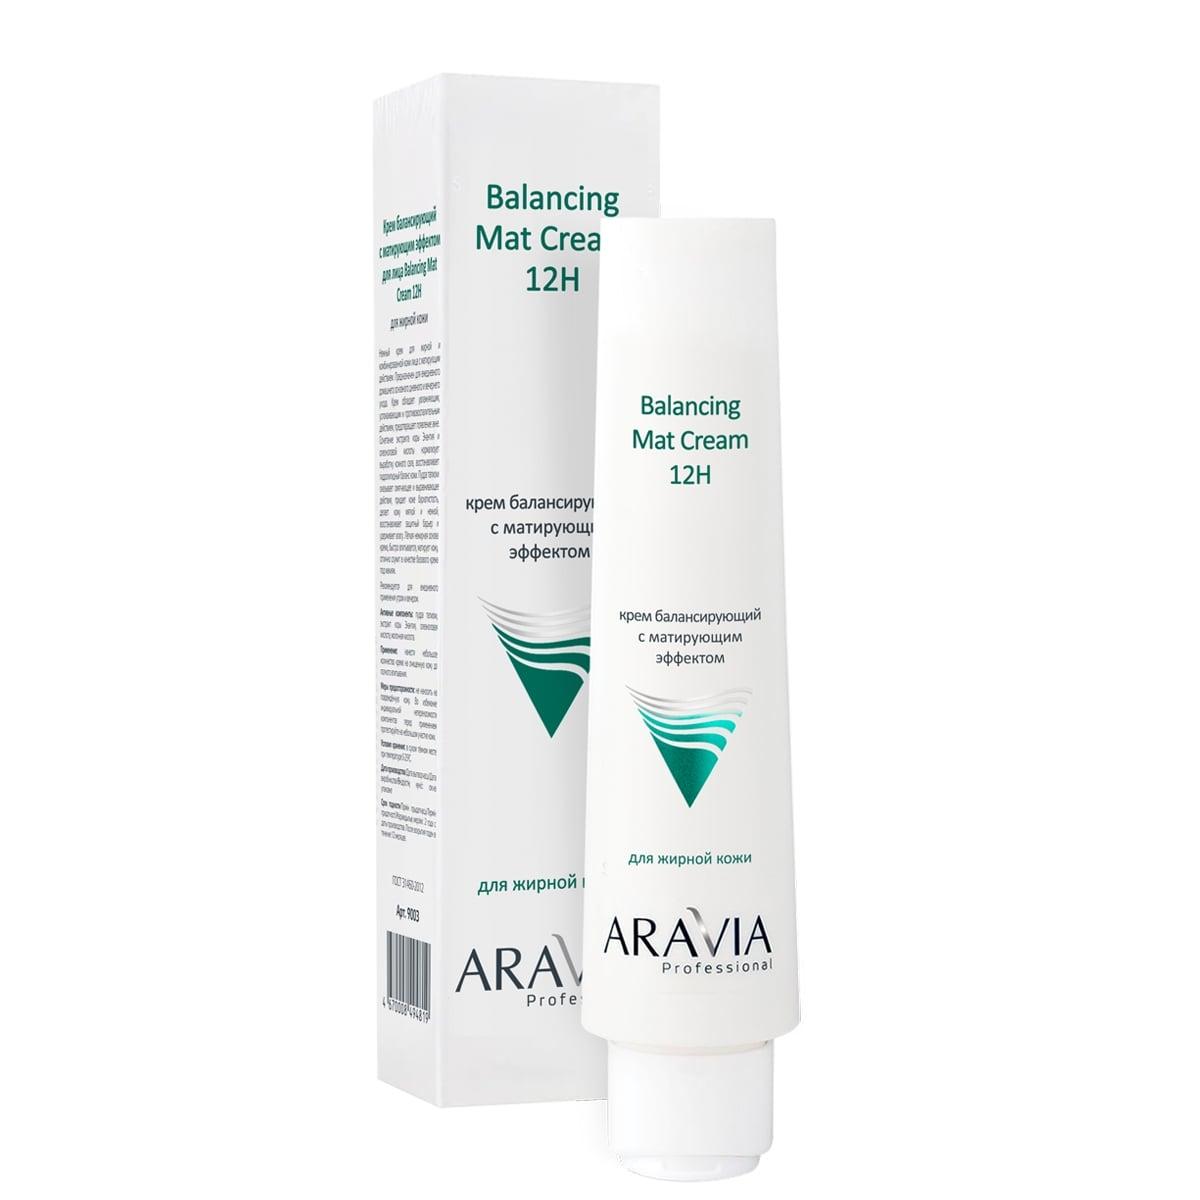 ARAVIA Крем Balancing Mat Cream для Лица Балансирующий с Матирующим Эффектом, 100 мл aravia professional крем для лица балансирующий с матирующим эффектом 100 мл